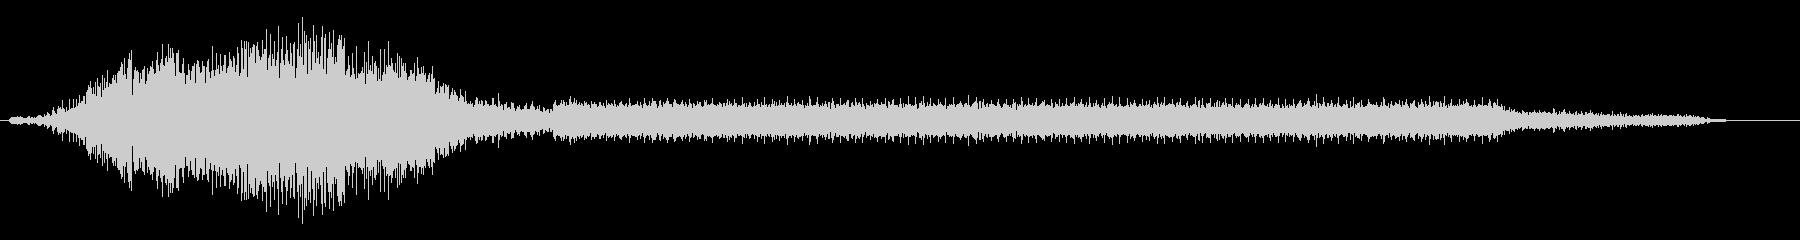 戦車がエンジンをかけ、停止させるまでの音の未再生の波形